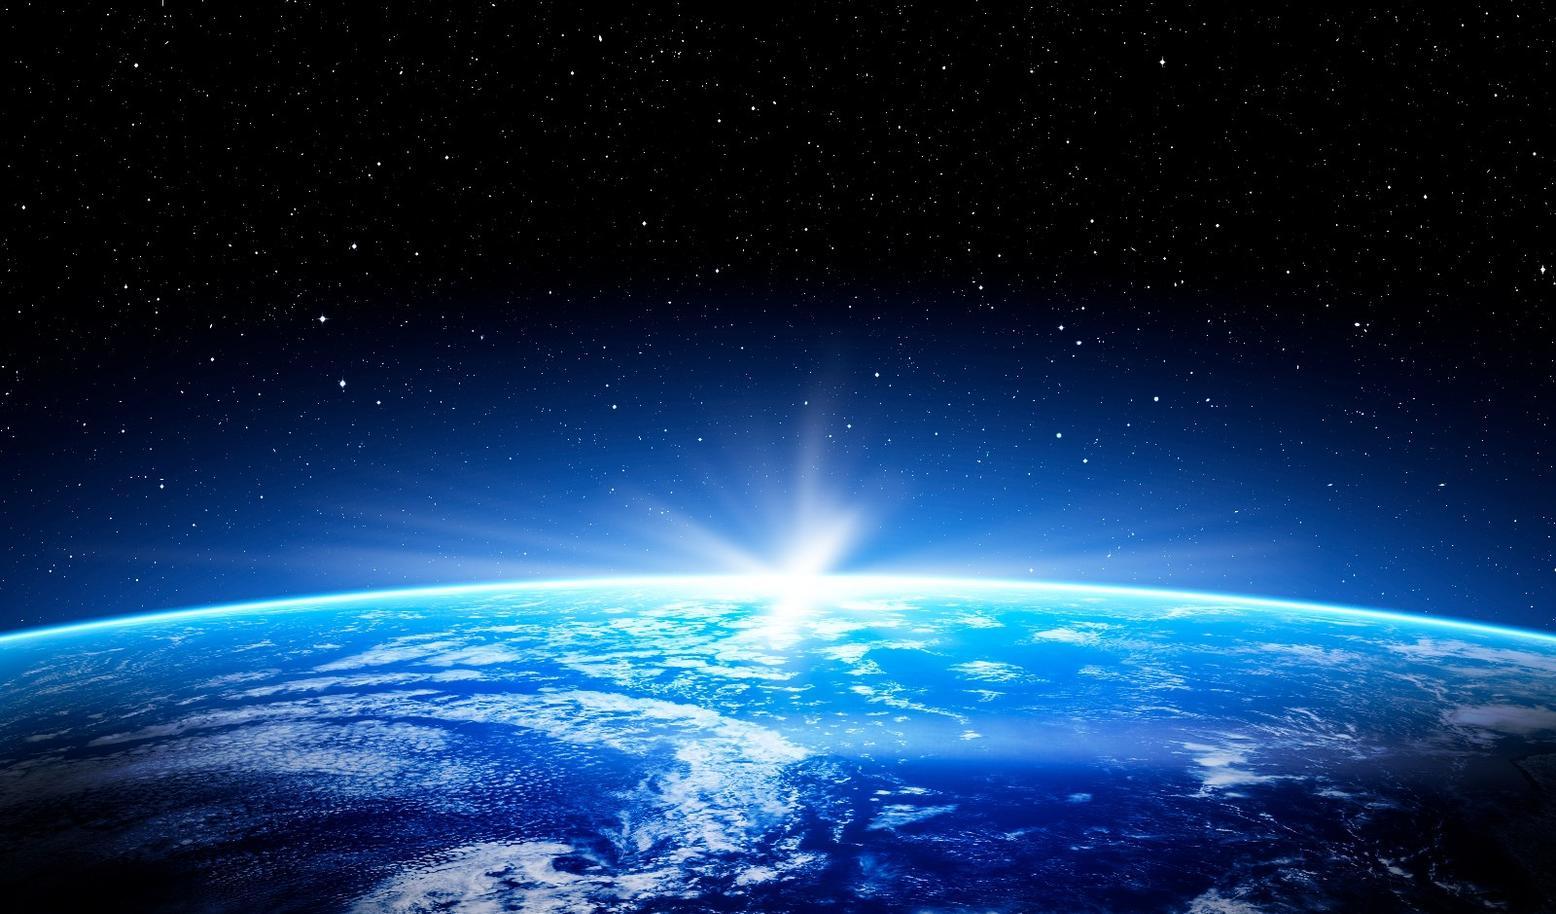 惠茹的故事_航天运输系统路线图发布:太空旅行有望实现 – 执惠